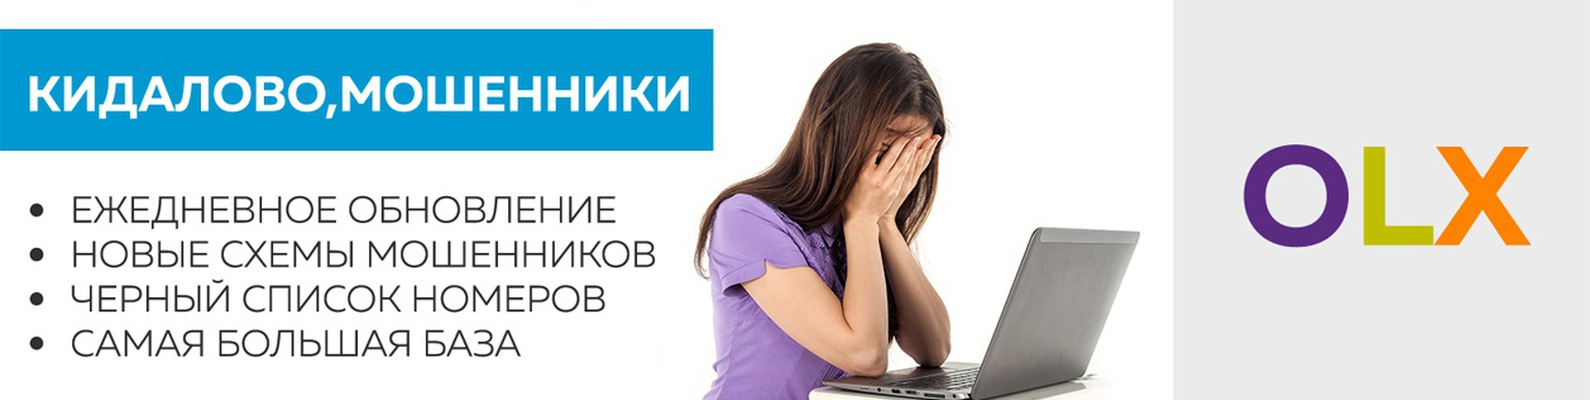 Кидалово, мошенники на OLX   ВКонтакте a8b03469148